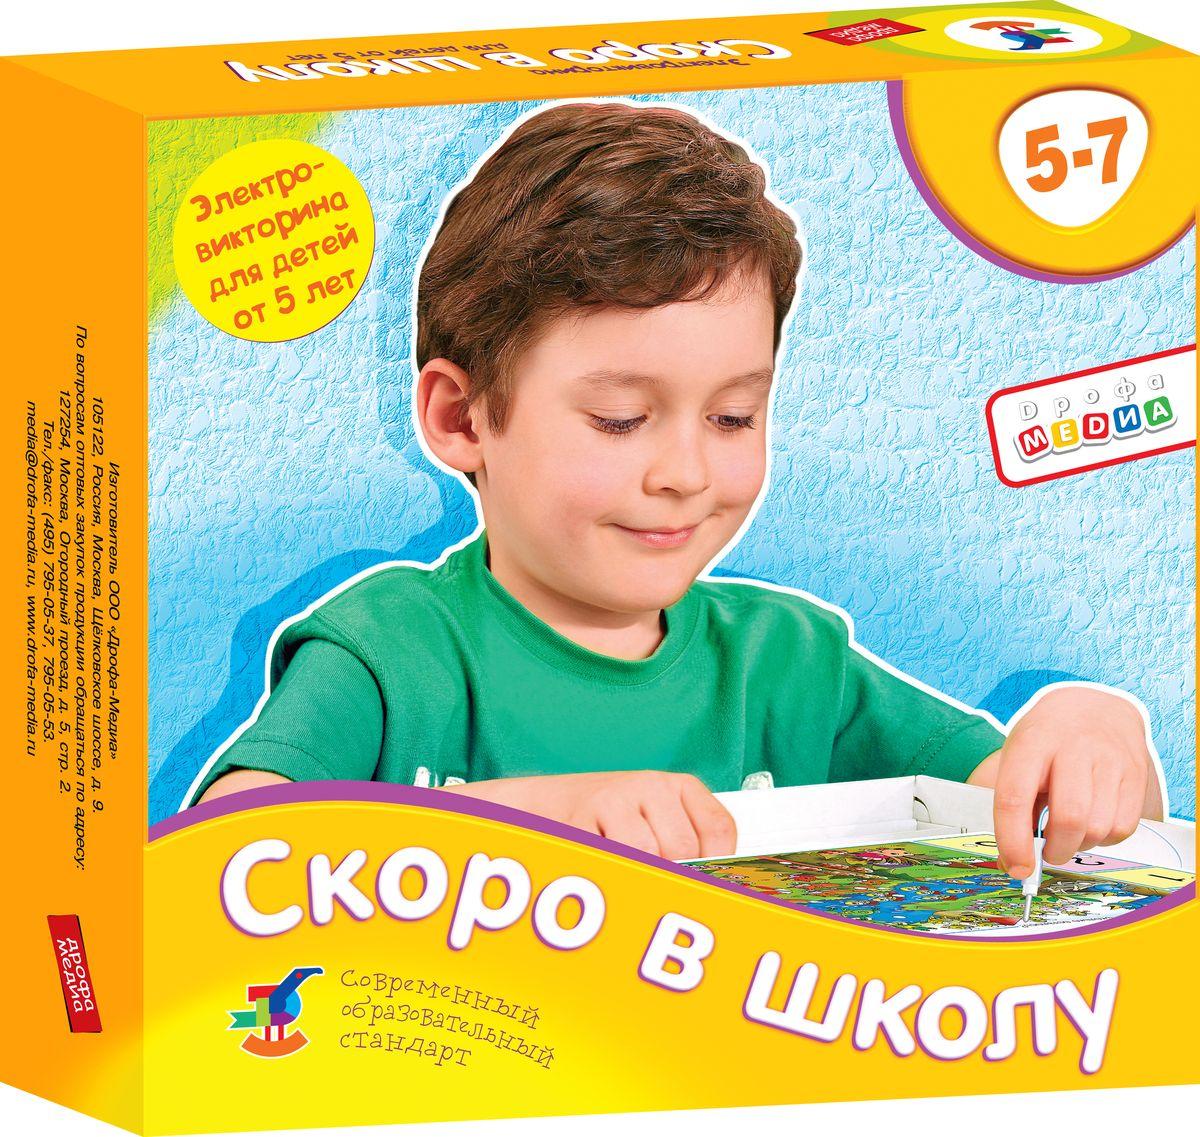 Дрофа-Медиа Обучающая игра Скоро в школу1030_новинкаИгра развивает наглядно-образное мышление, внимание, память, речь, расширяет кругозор. Играя, ребенок учится рассуждать, сопоставлять, сравнивать, устанавливать простые закономерности, принимать самостоятельные решения и проверять правильность их выполнения, доказывать и обосновывать свой выбор. У ребенка появляется интерес к знаниям, усидчивость, вырабатываются навыки самоконтроля и самооценки. Игровые карточки содержат темы, знание которых понадобится ребенку при поступлении в 1 класс общеобразовательной школы.